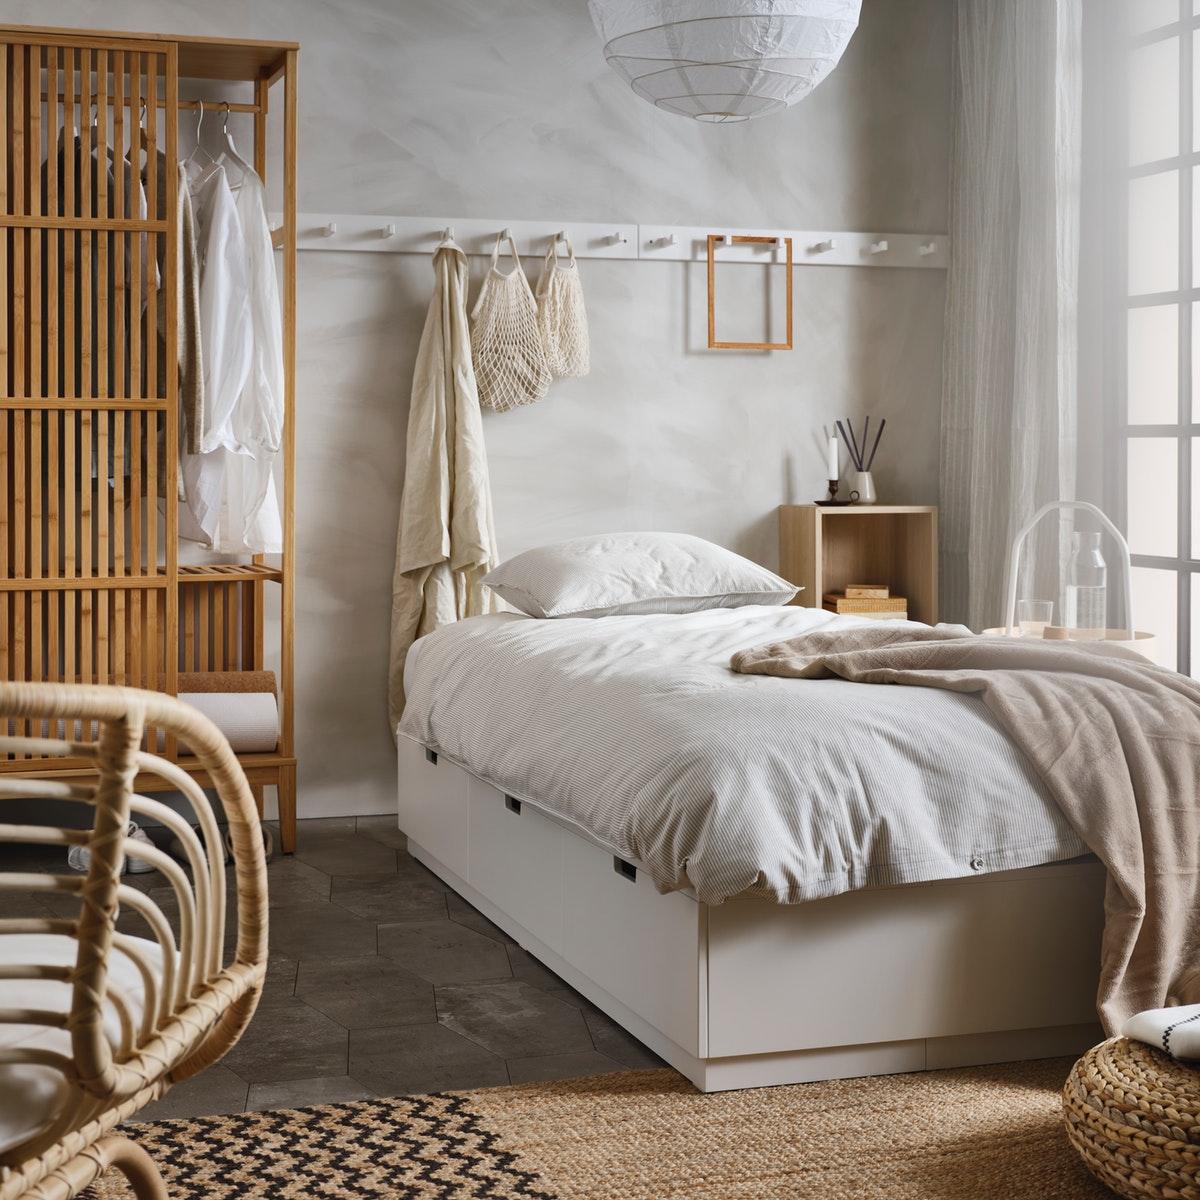 ikea-single-beds